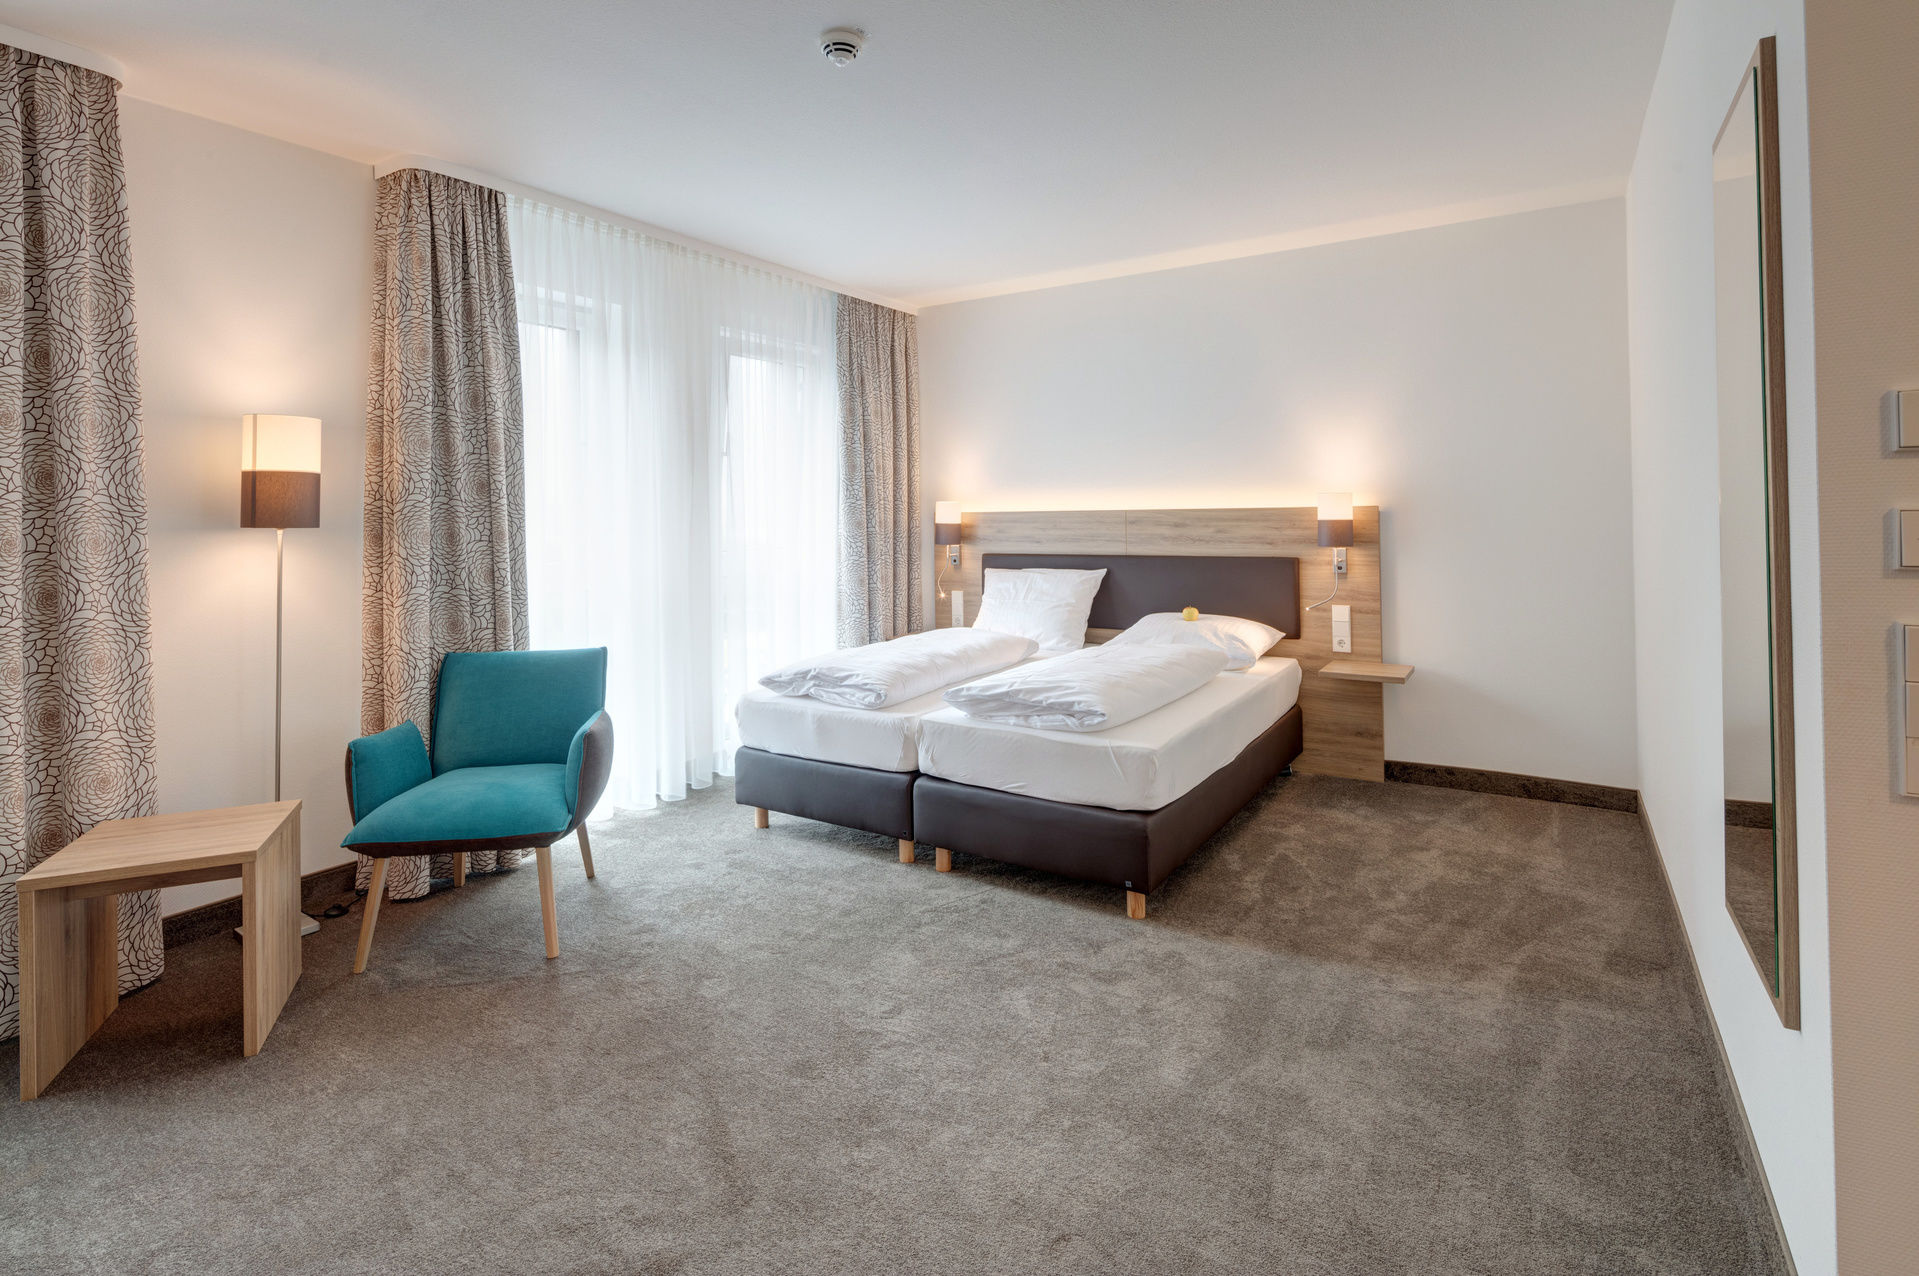 Zimmer Landhotel Beck 3-Sterne Hotel Kupferzell Hohenlohe Schwäbisch ...